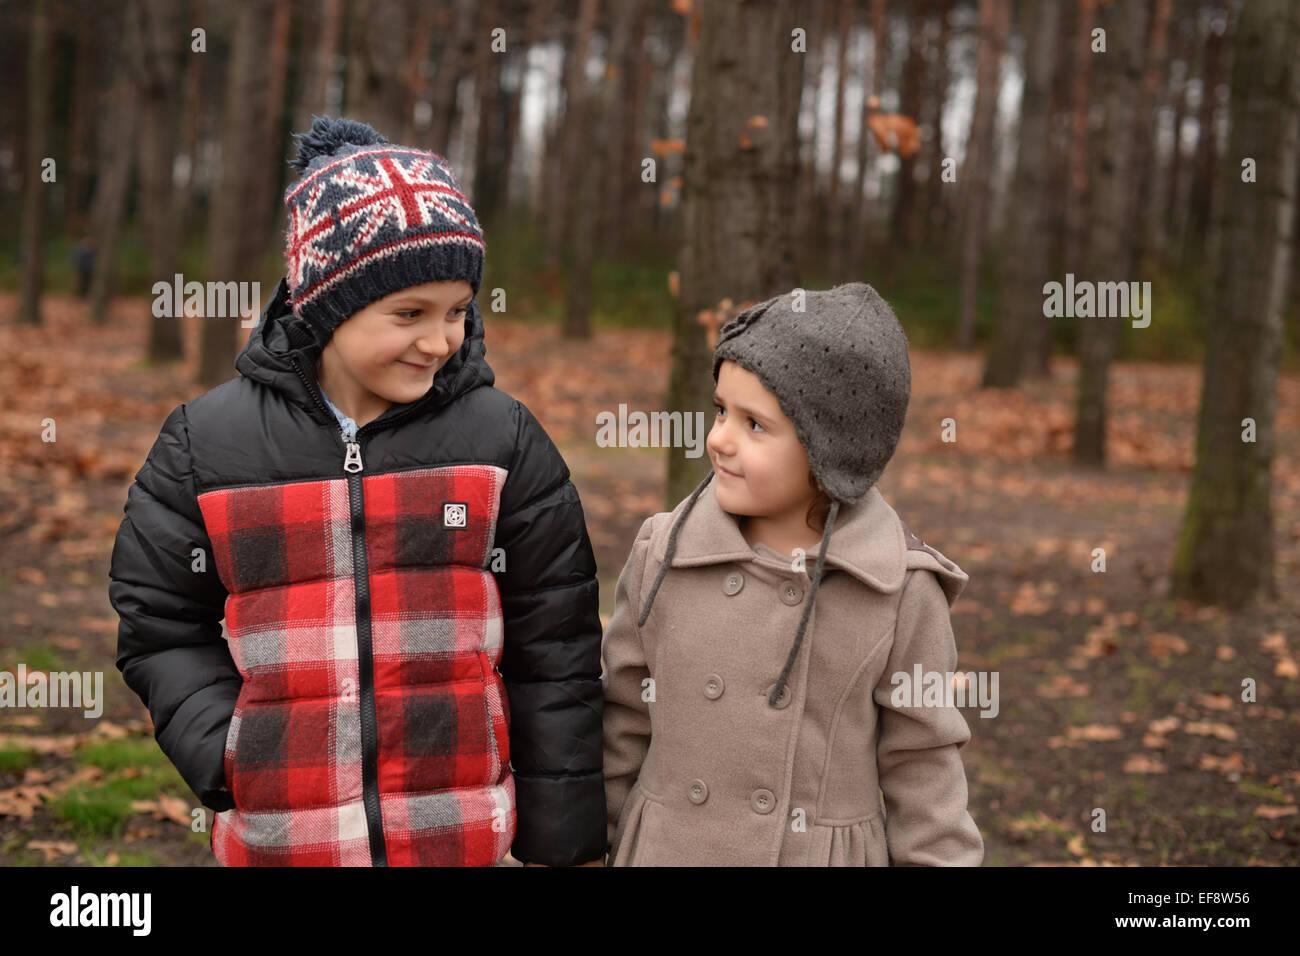 Fratello (6-7) e sorella (4-5) passeggiate in foresta Immagini Stock